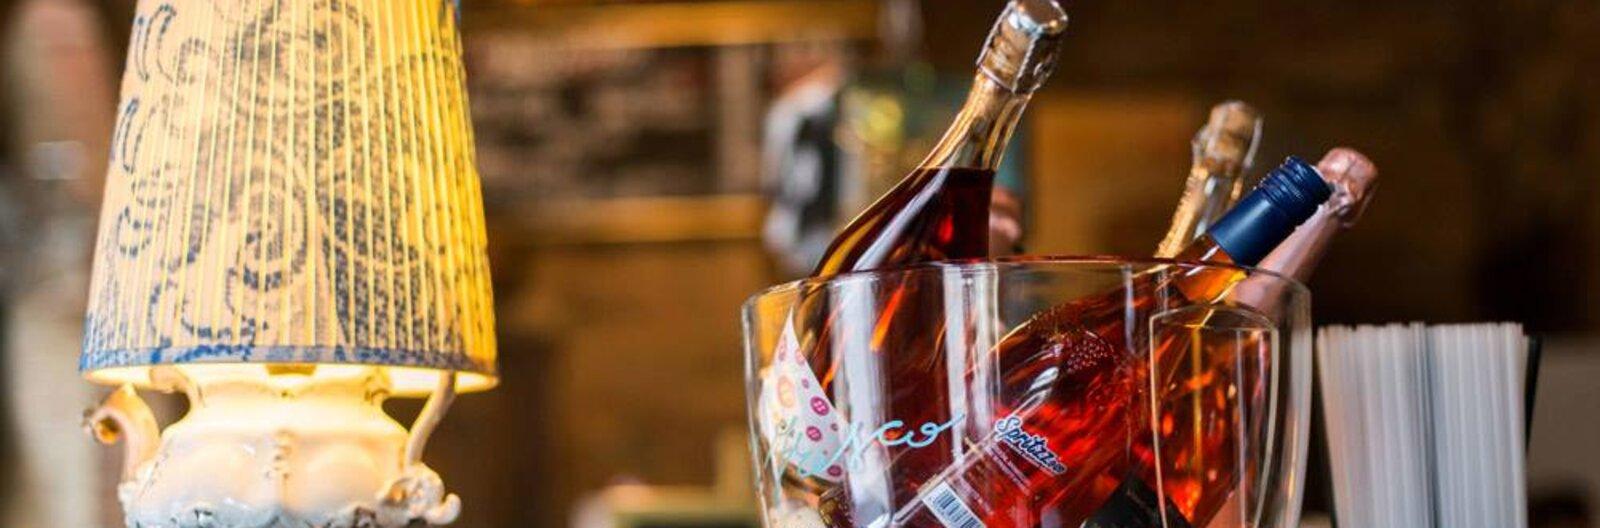 Top 10 winebars